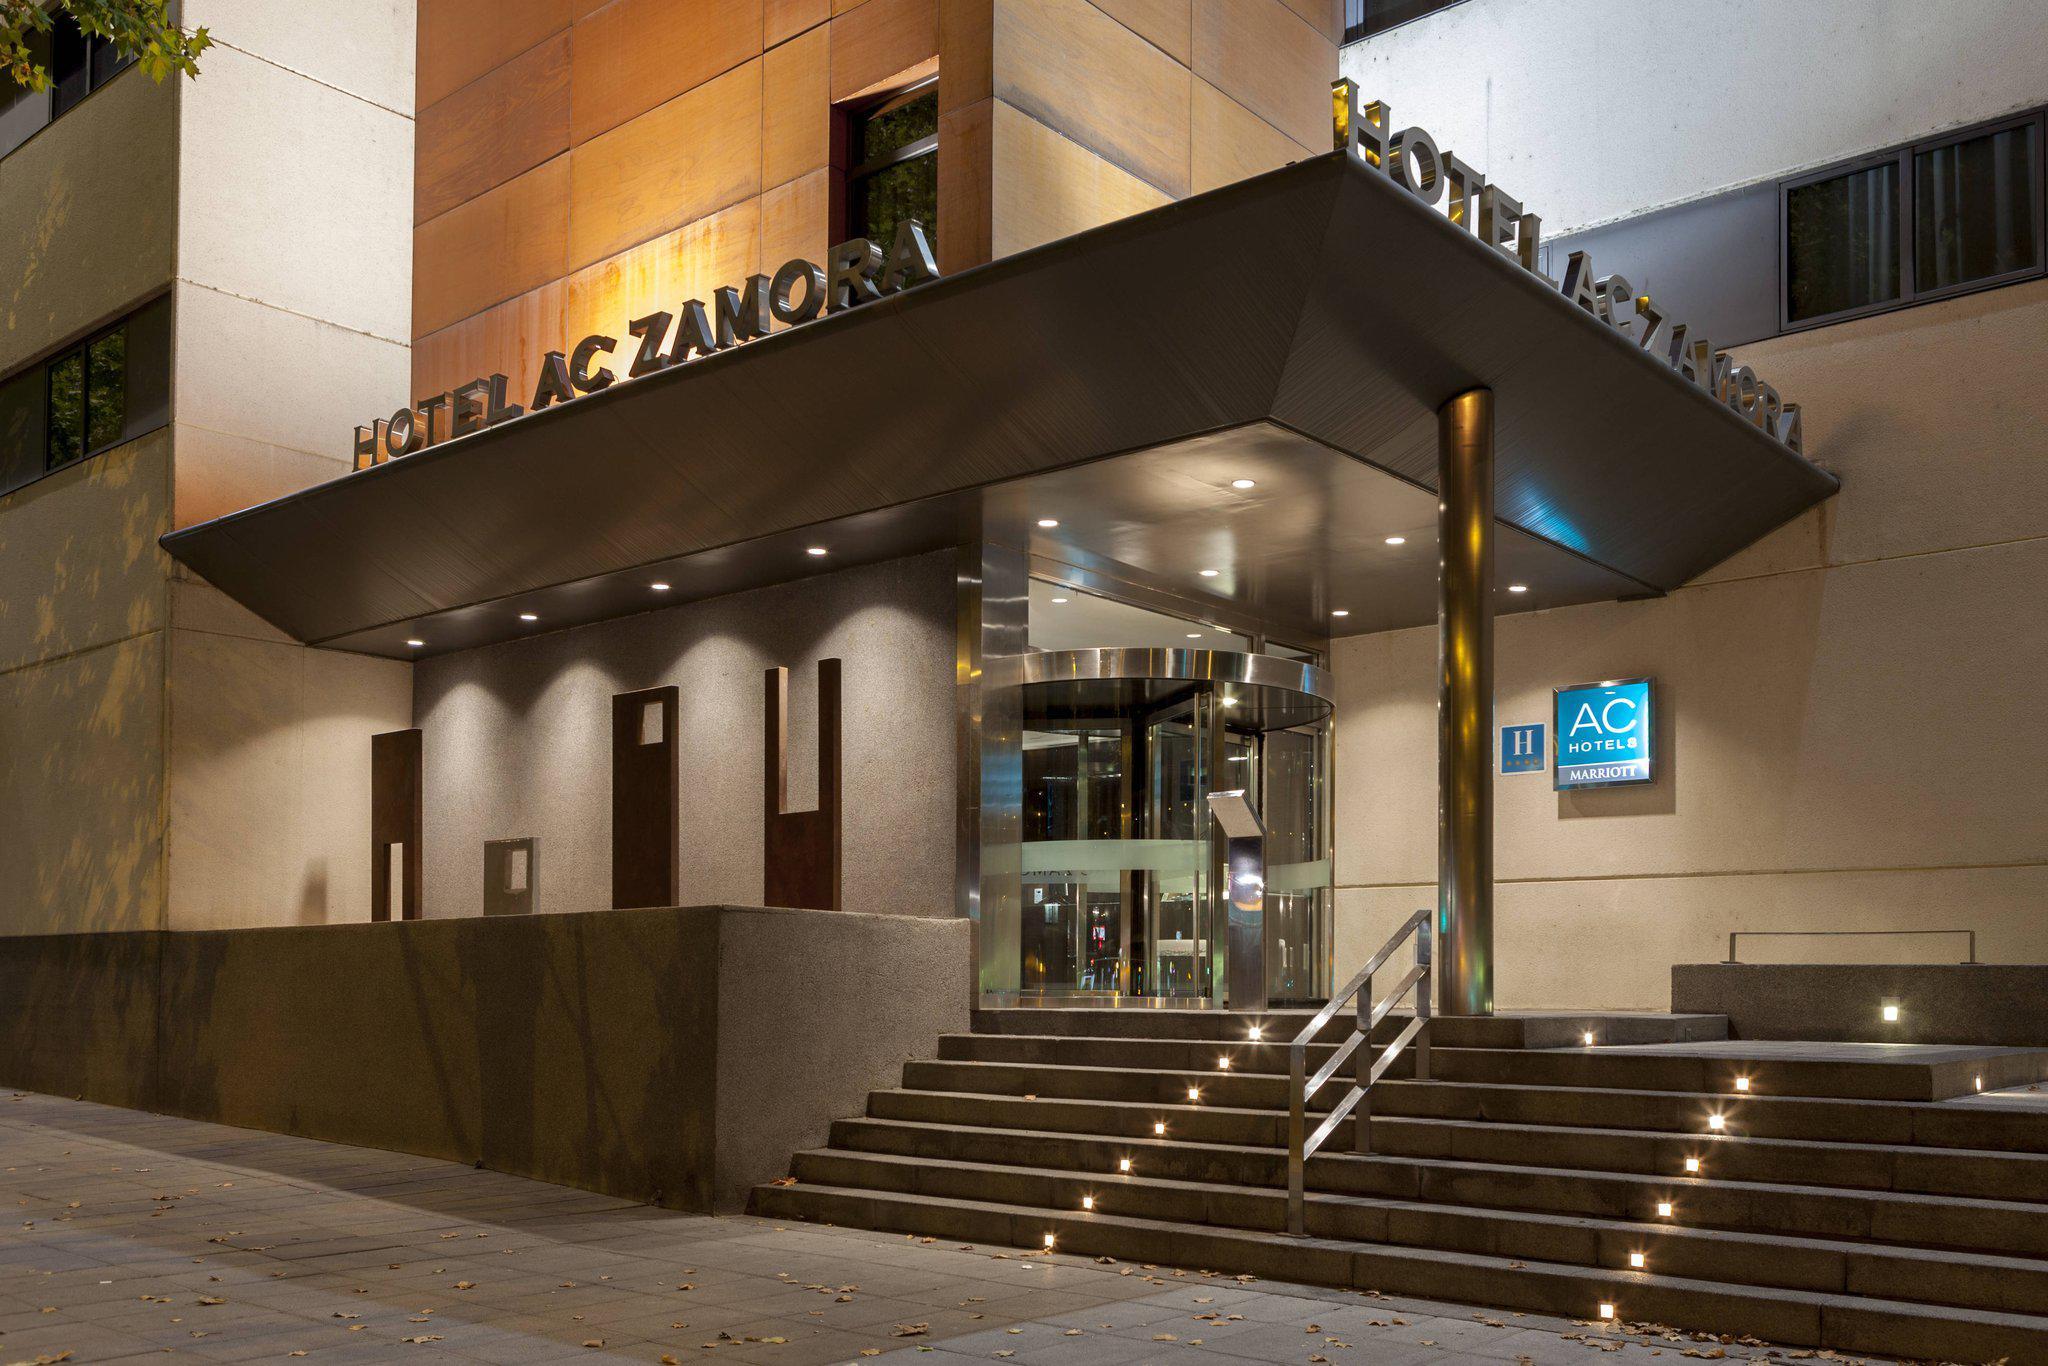 AC Hotel by Marriott Zamora